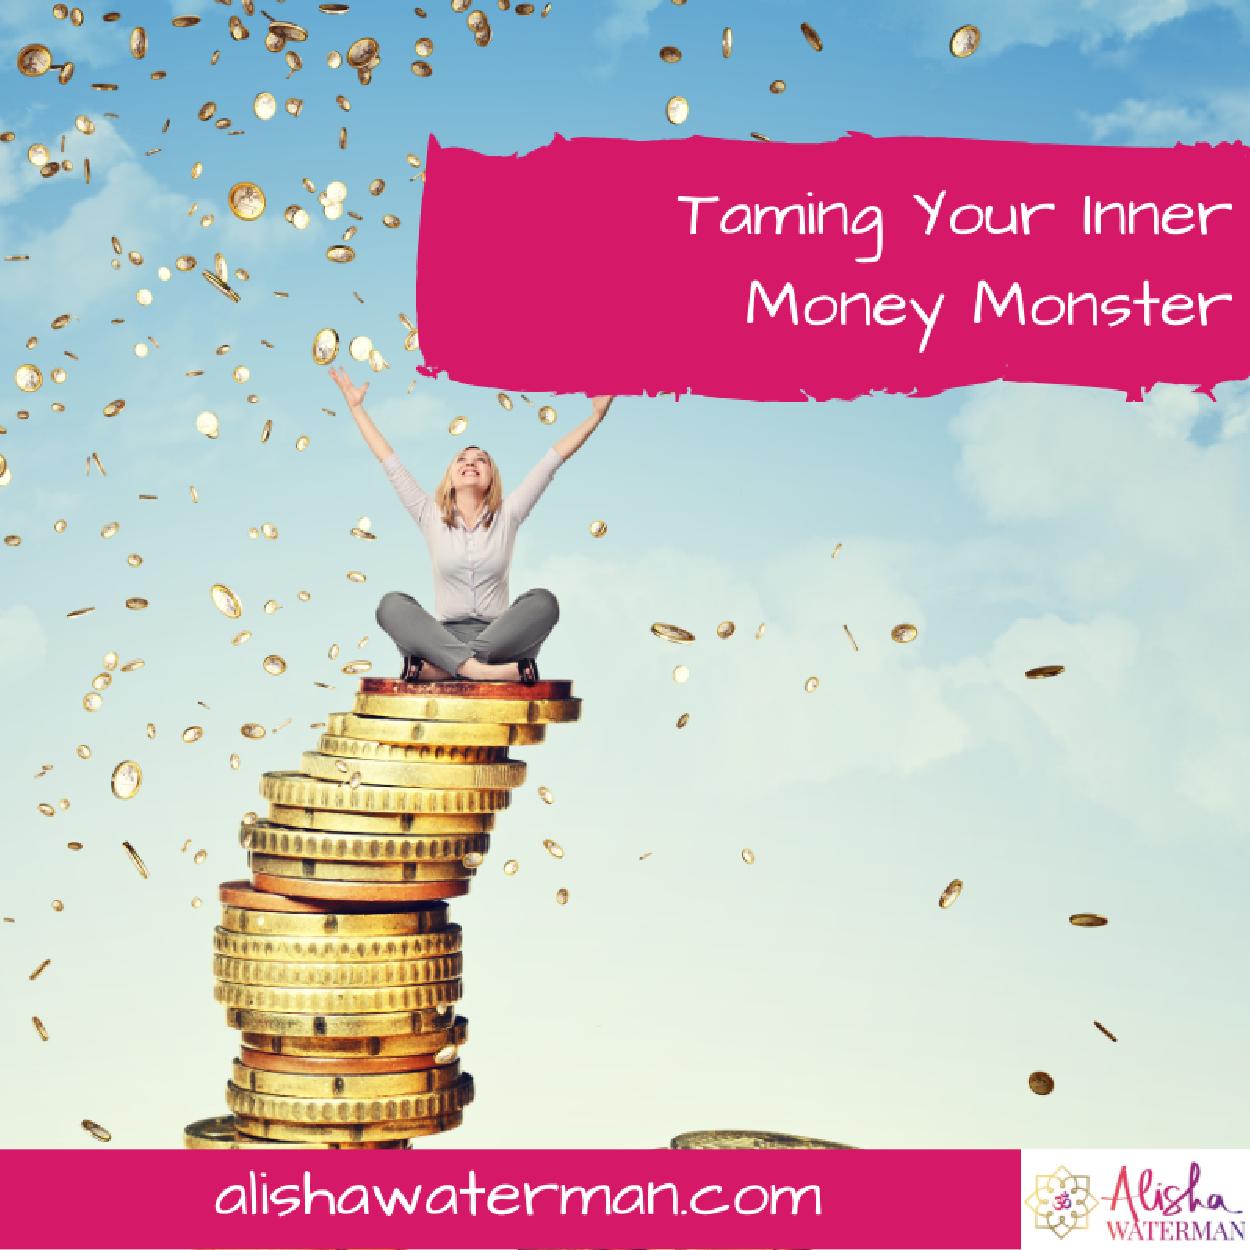 Taming your inner money monster